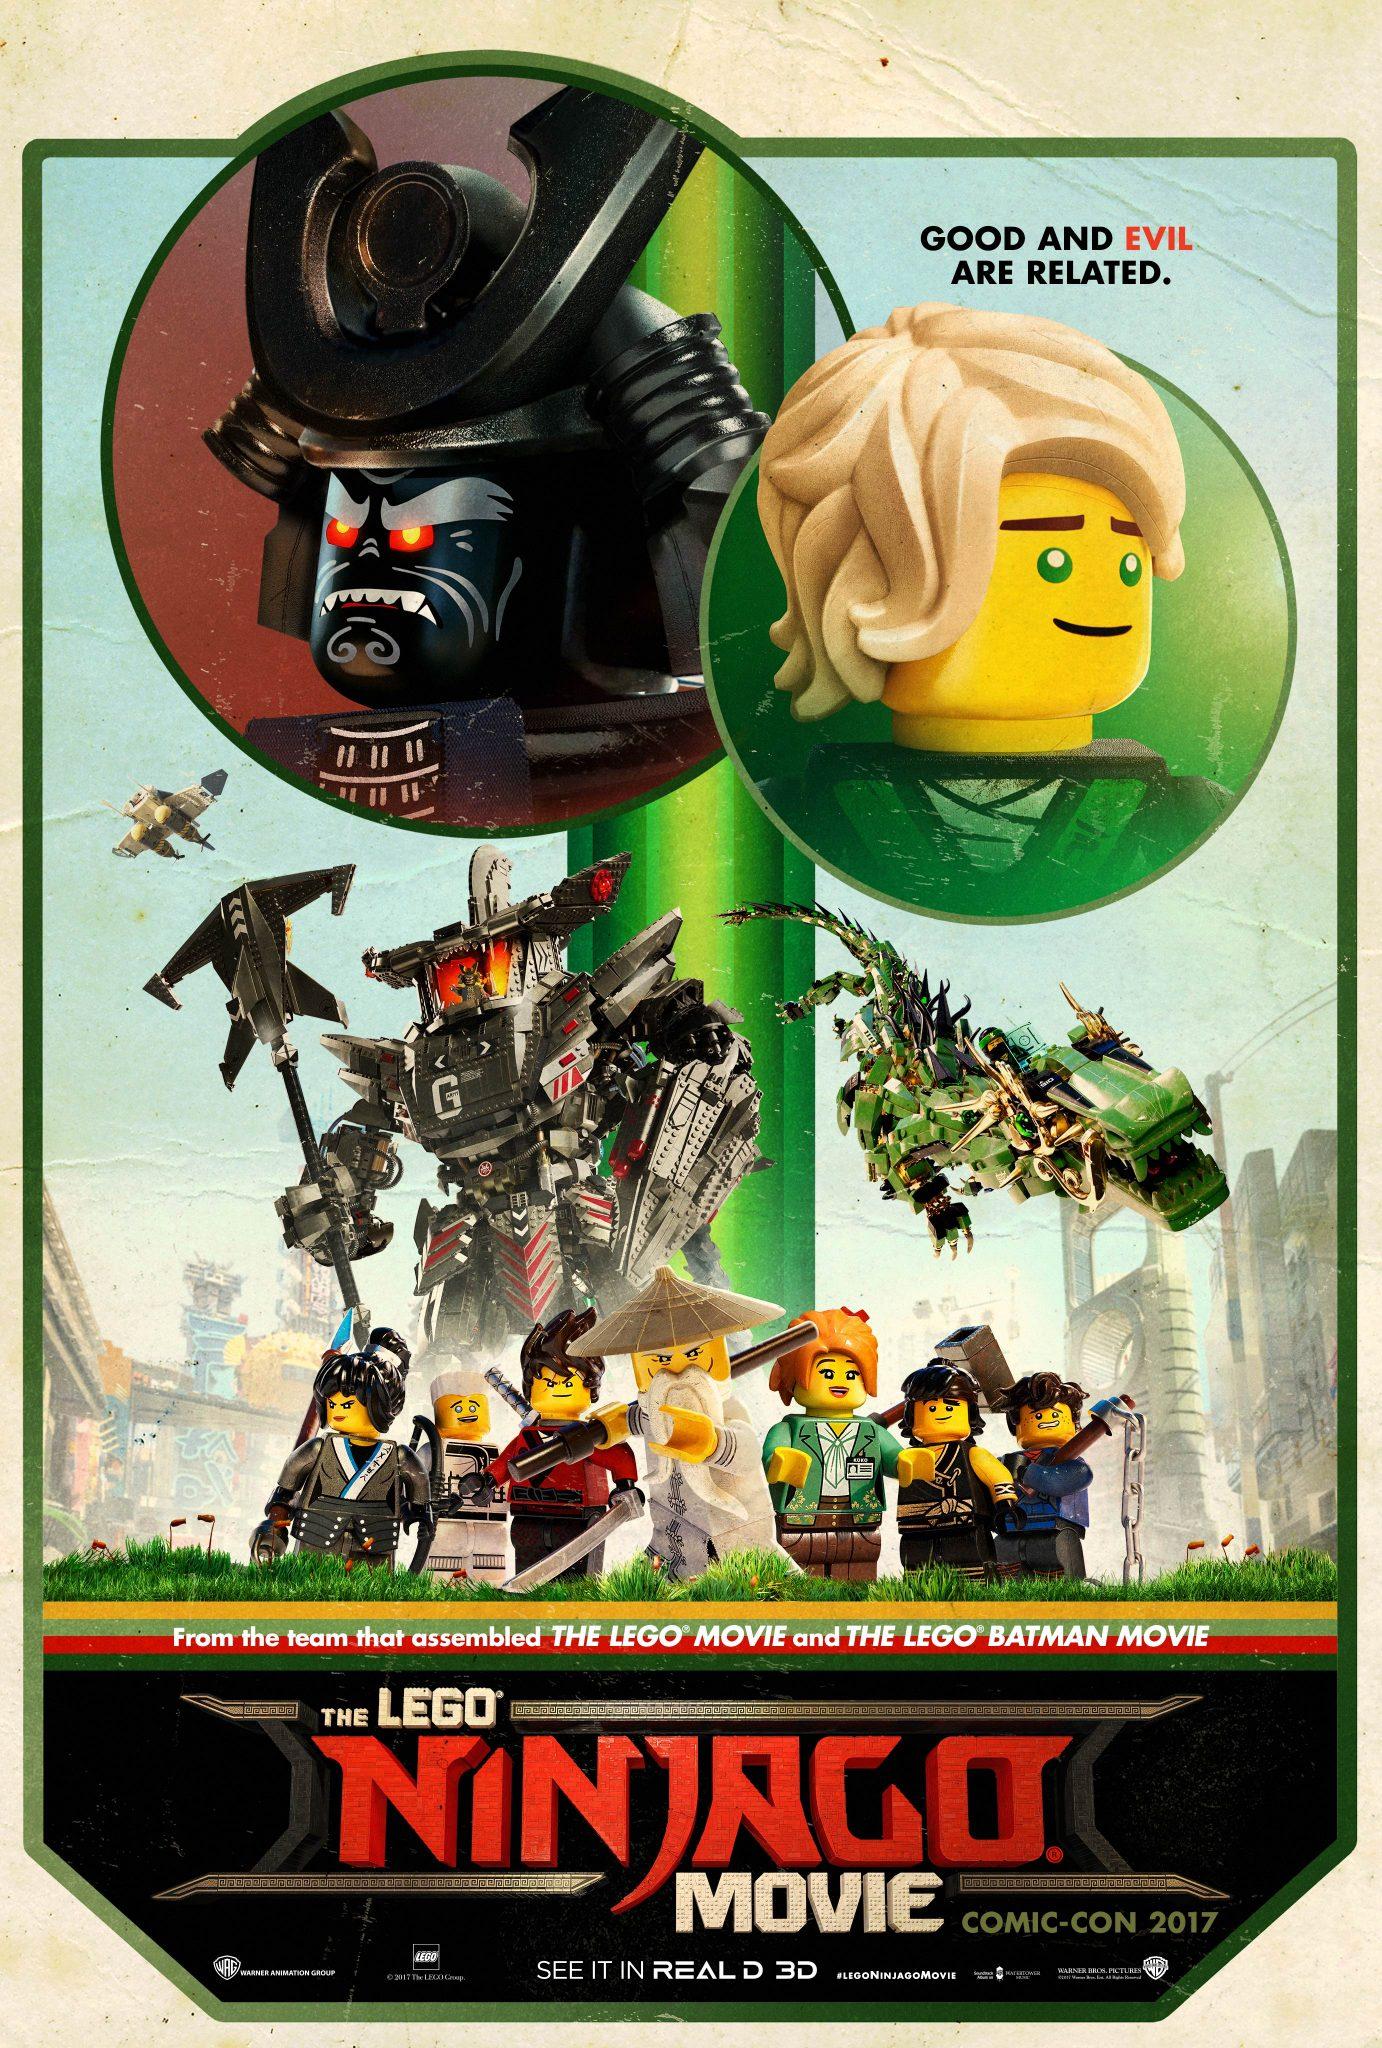 New Movie: The LEGO NINJAGO Movie